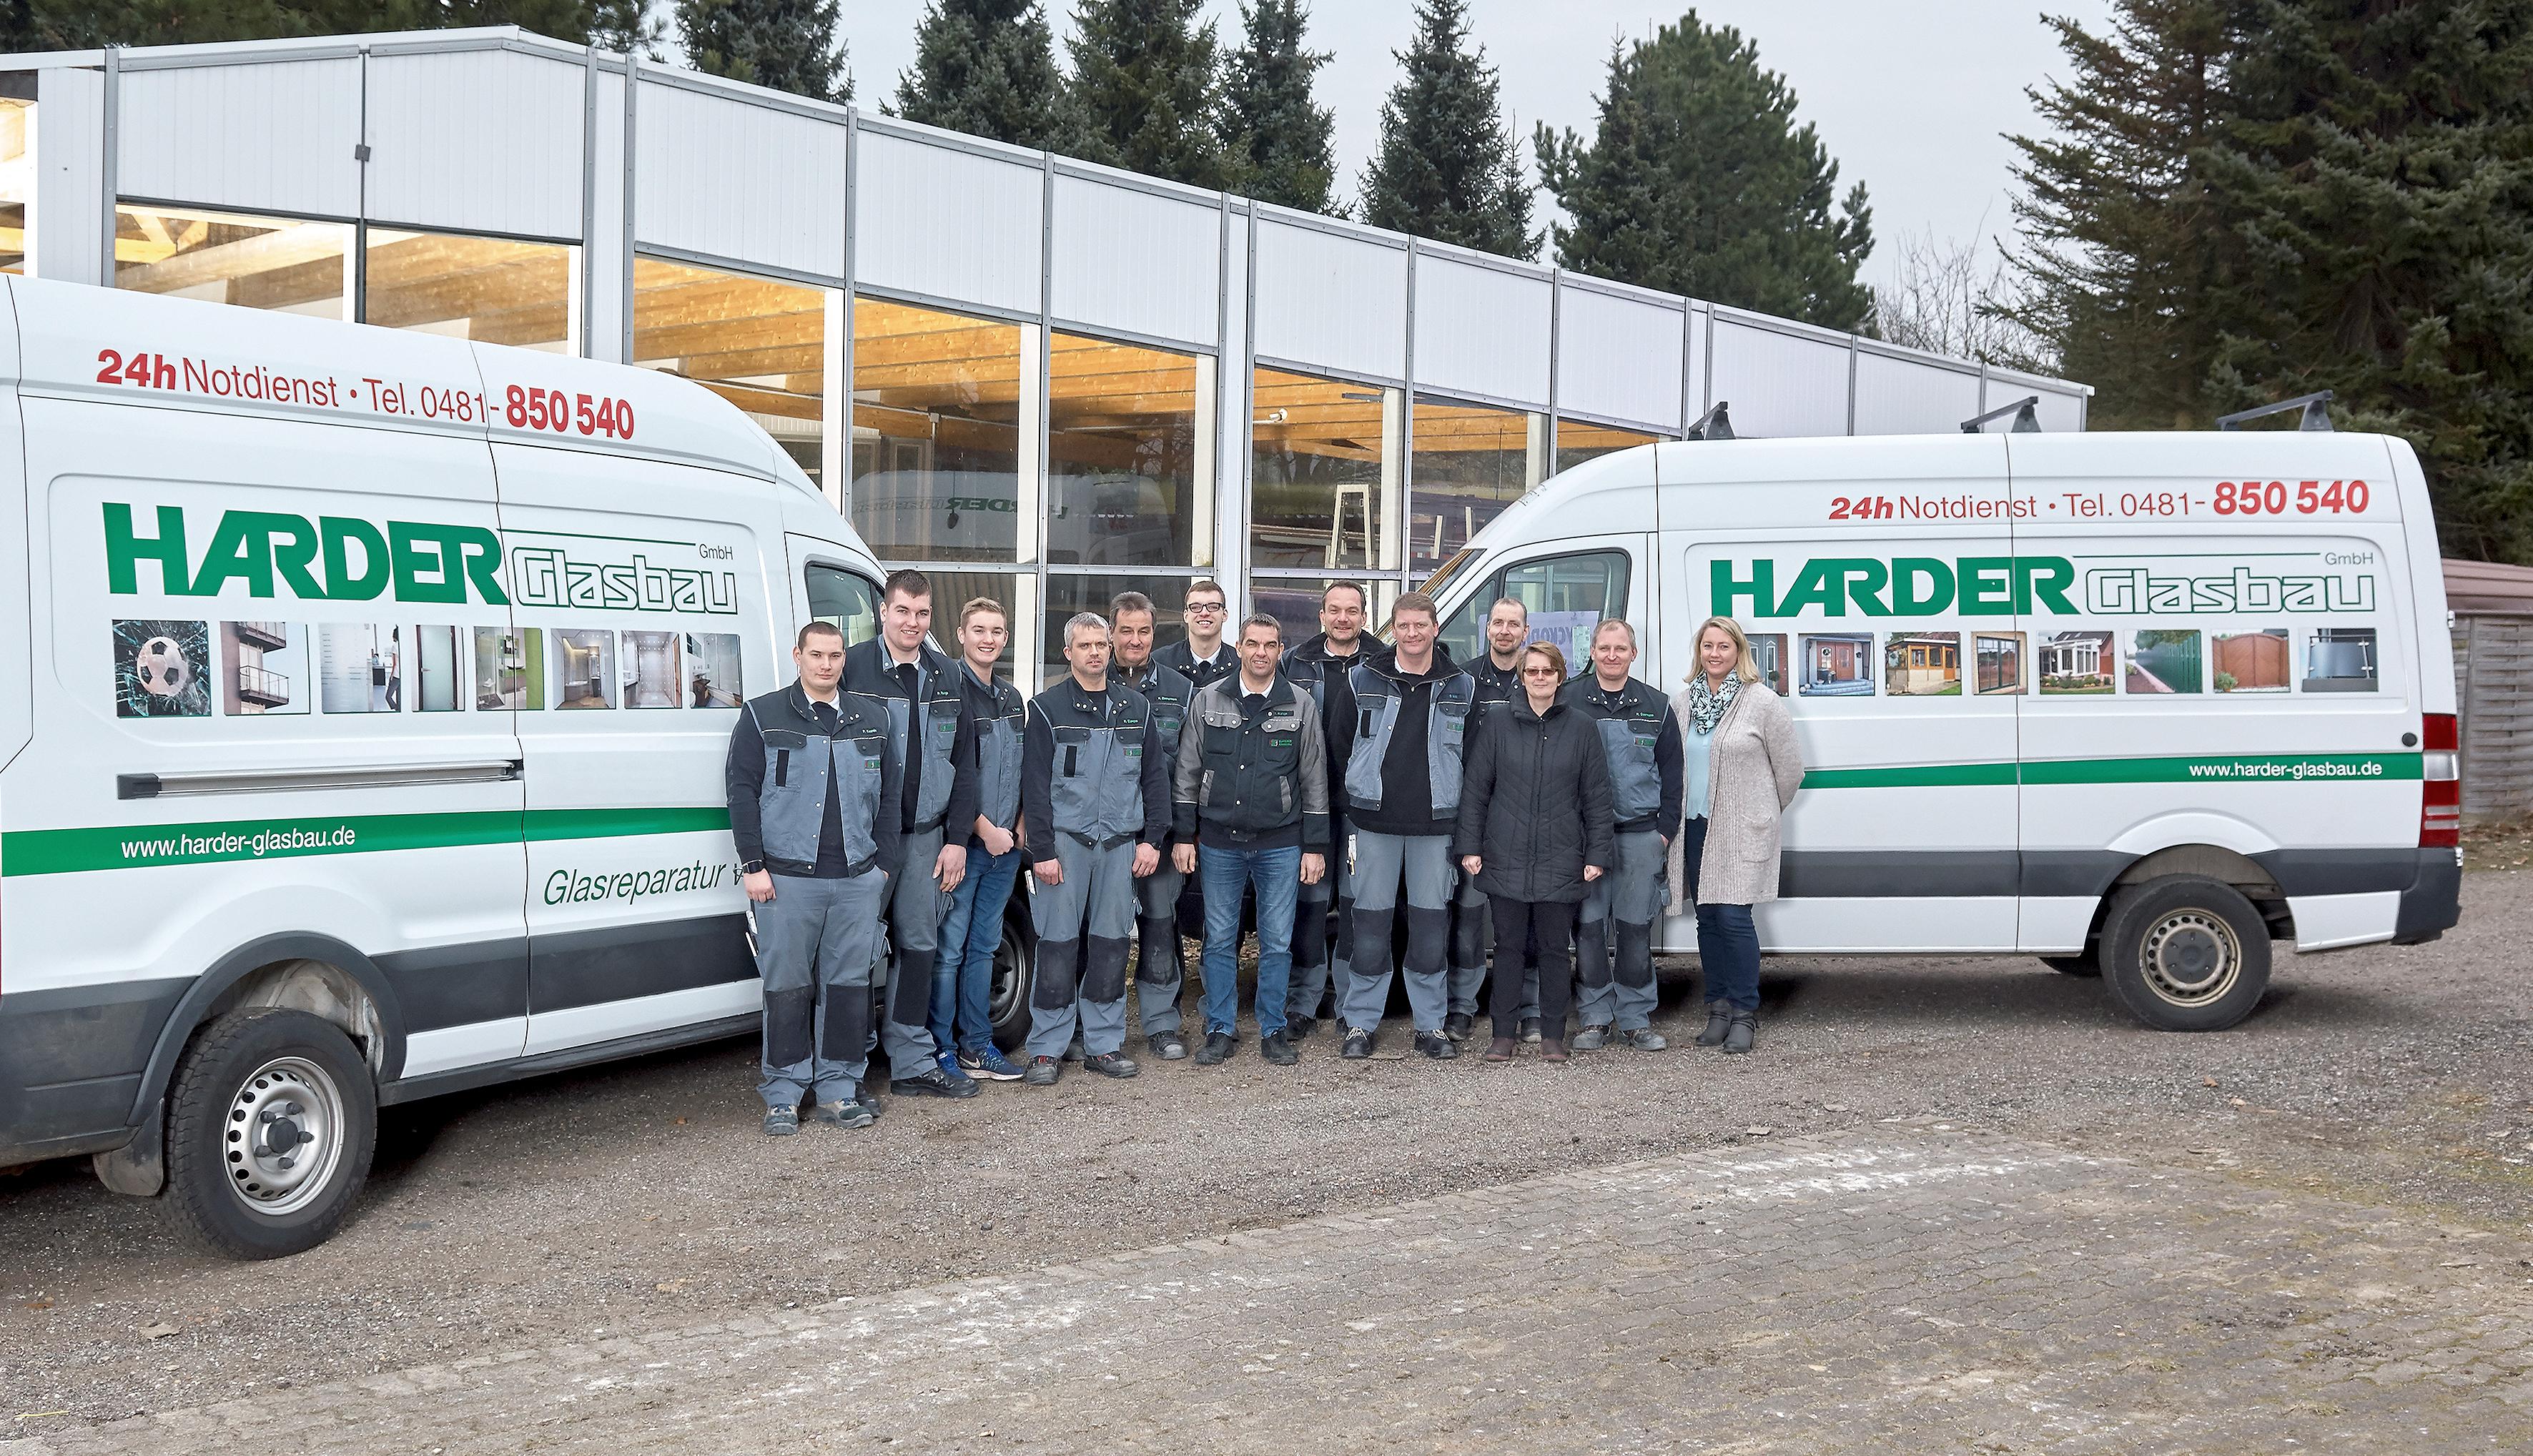 HARDER Glasbau - Über uns - Das Team